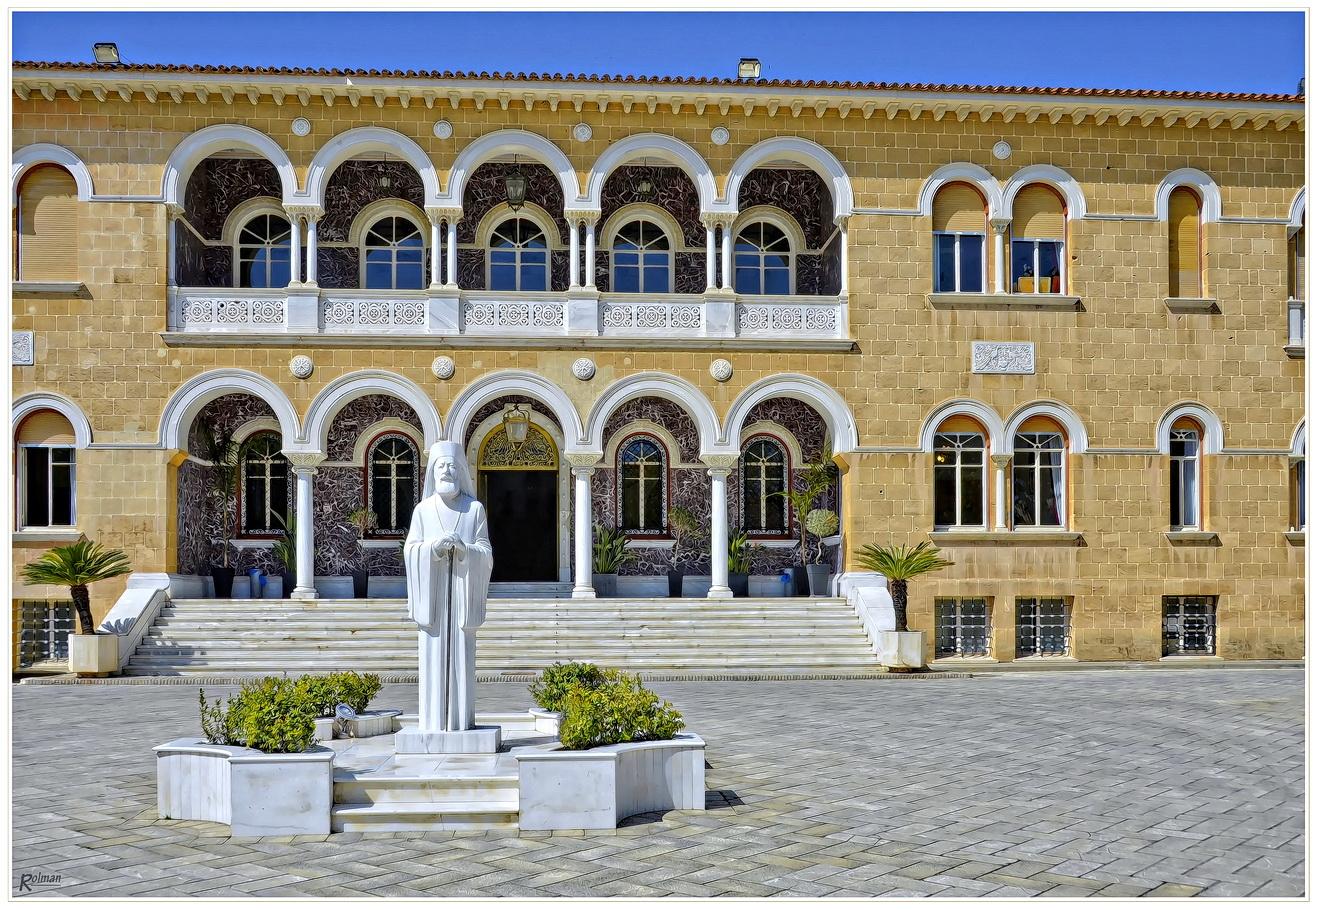 Makarios-Statue vor dem Bischofspalast (Nikosia - Zypern)